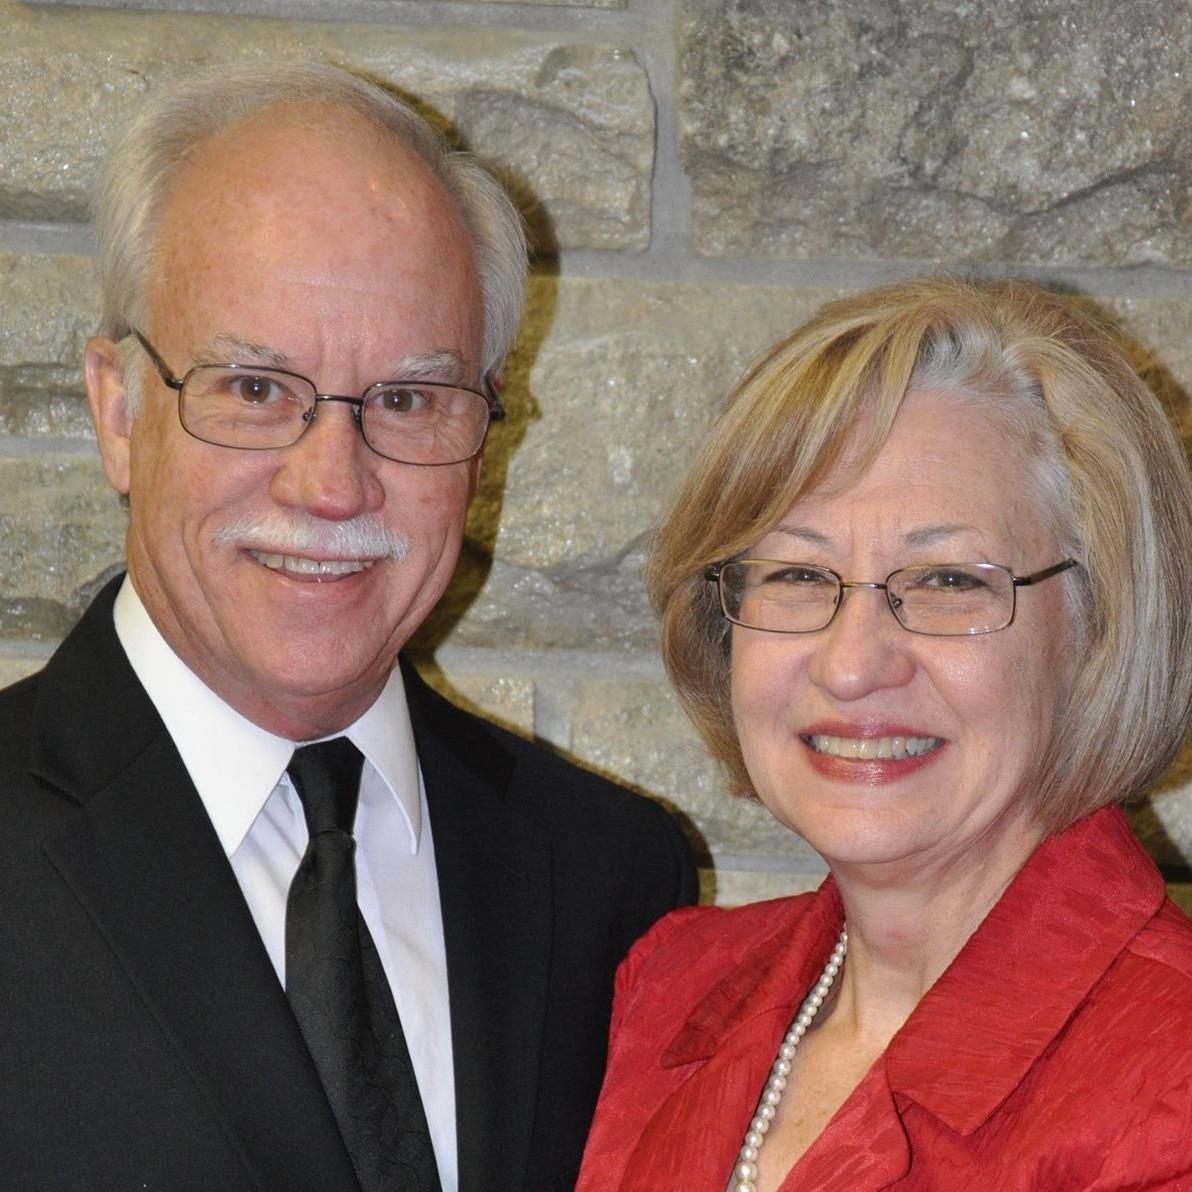 David & Debbie Caldwell - Uruguay